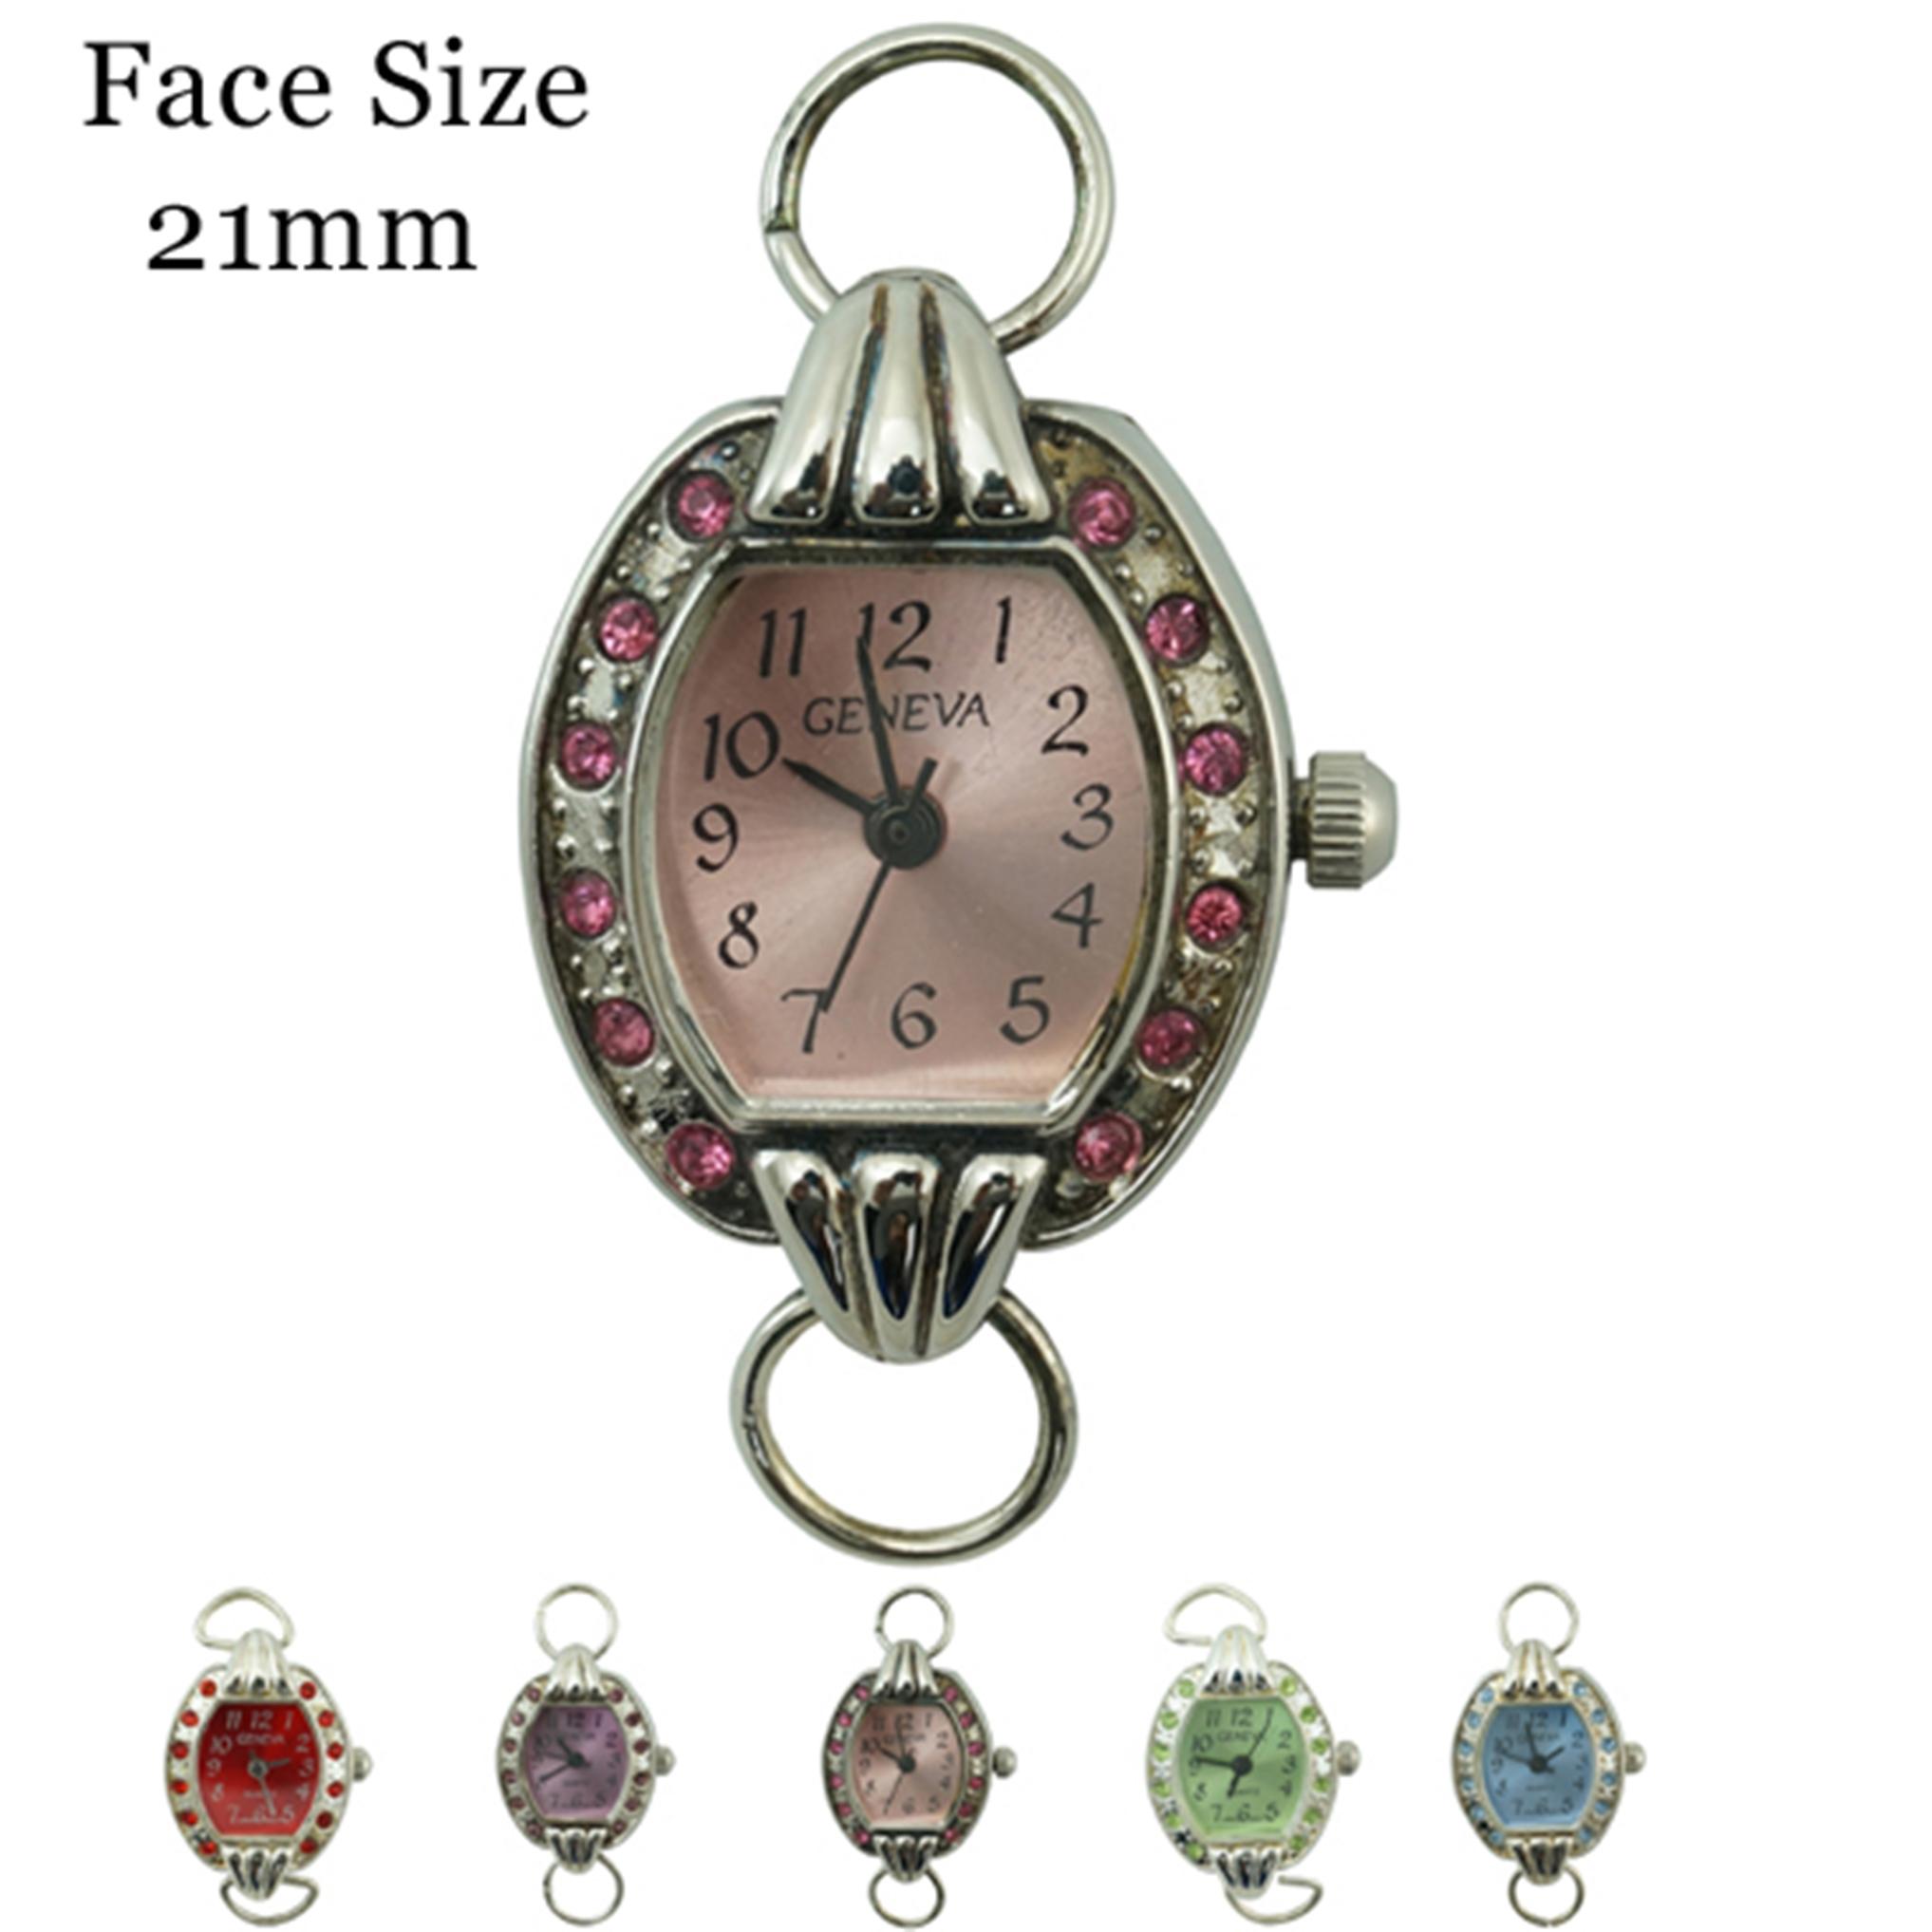 Women's 21 mm CZ Fancy Dial Face